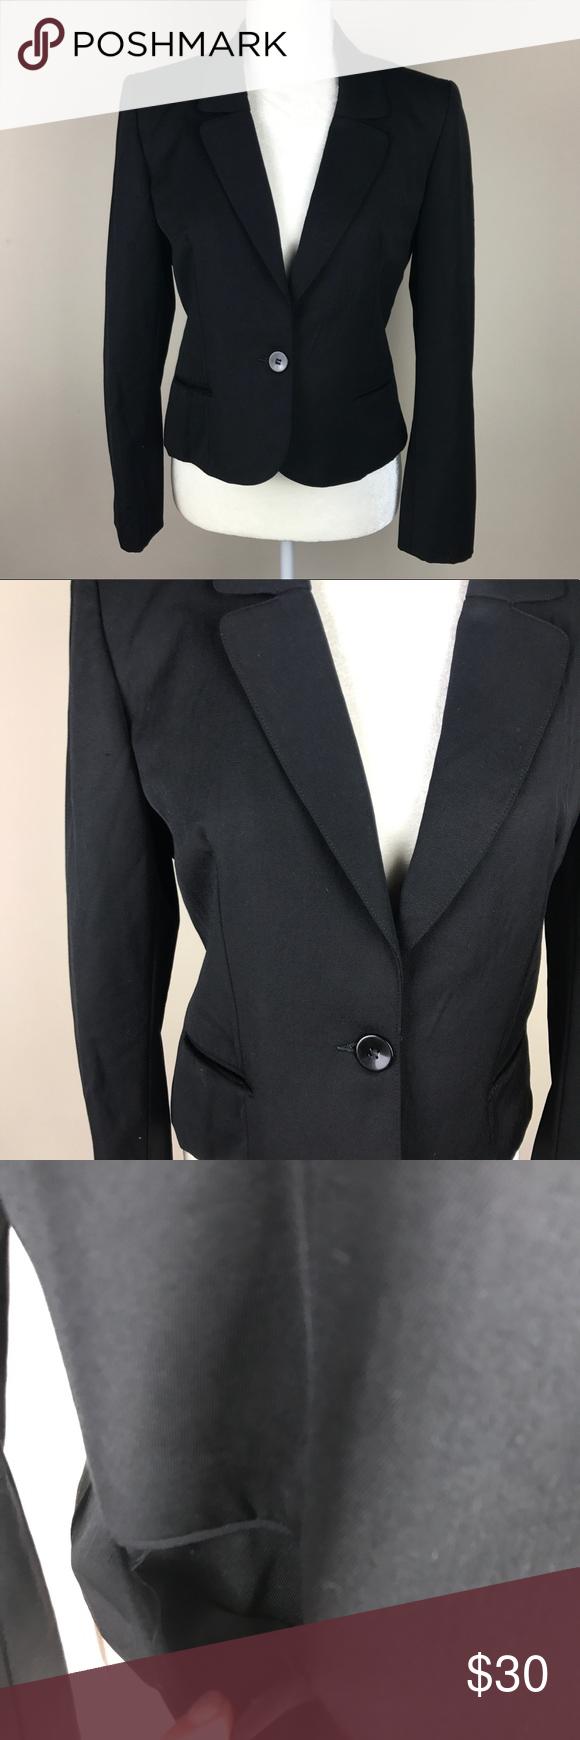 Vintage Diane Von Furstenberg Black Blazer eh Diane Von Furstenberg Jackets & Coats Blazers